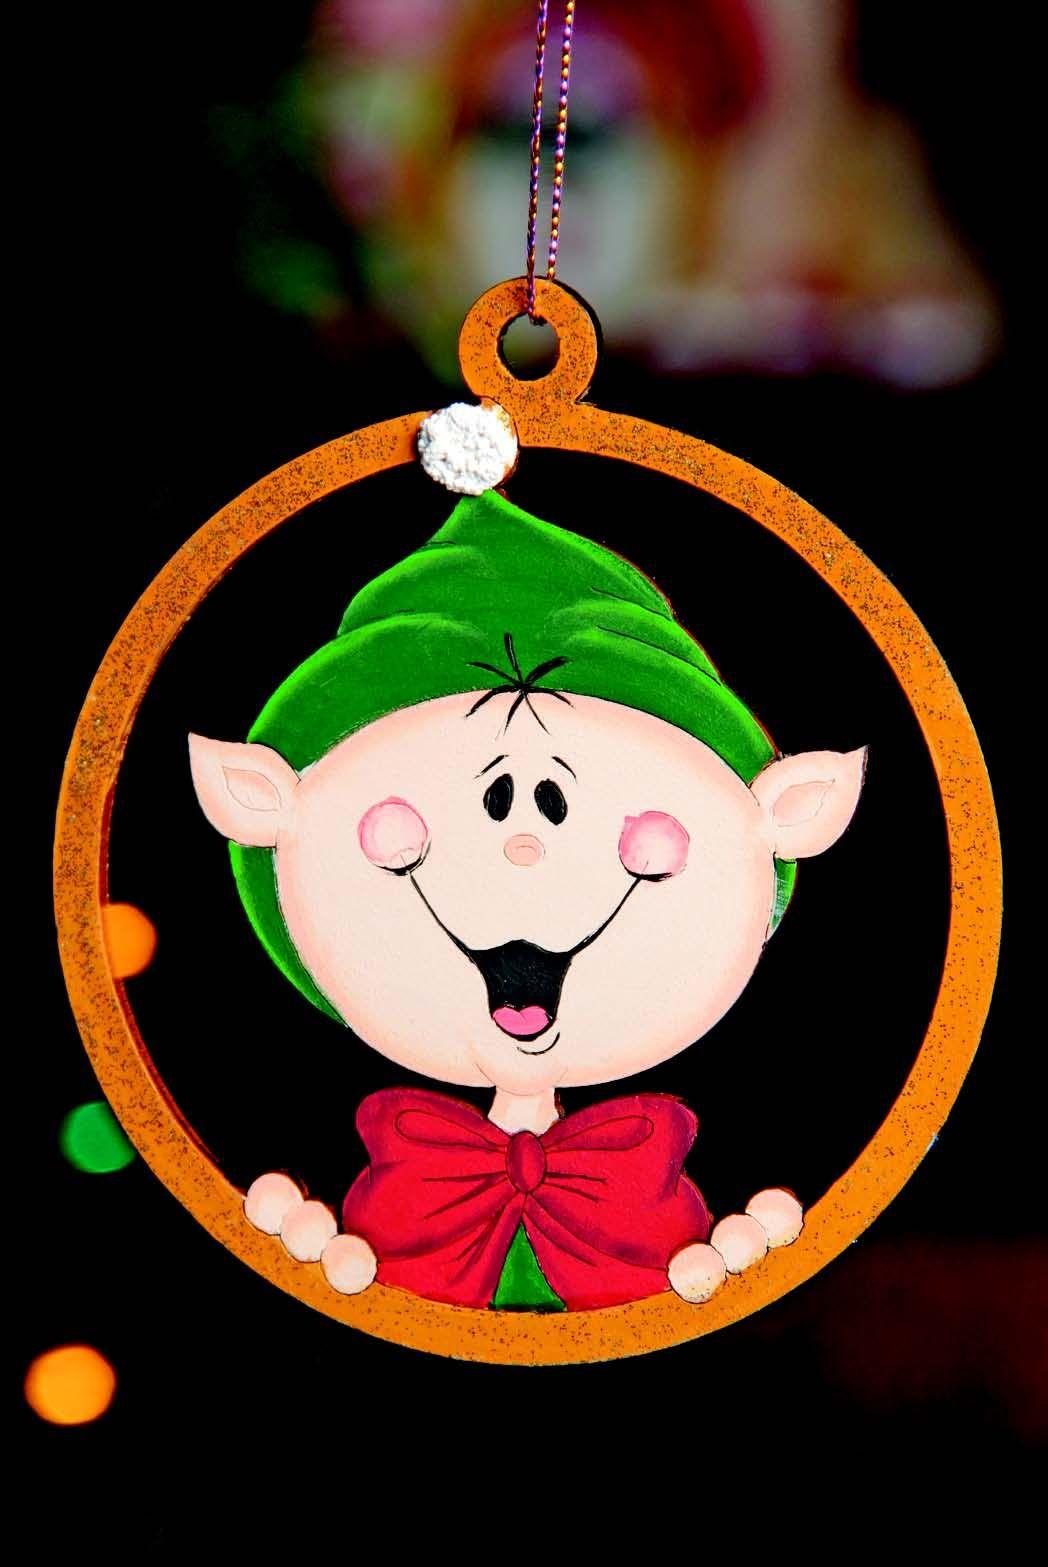 Esferas para arbol de navidad duende revista roel - Esferas de navidad ...